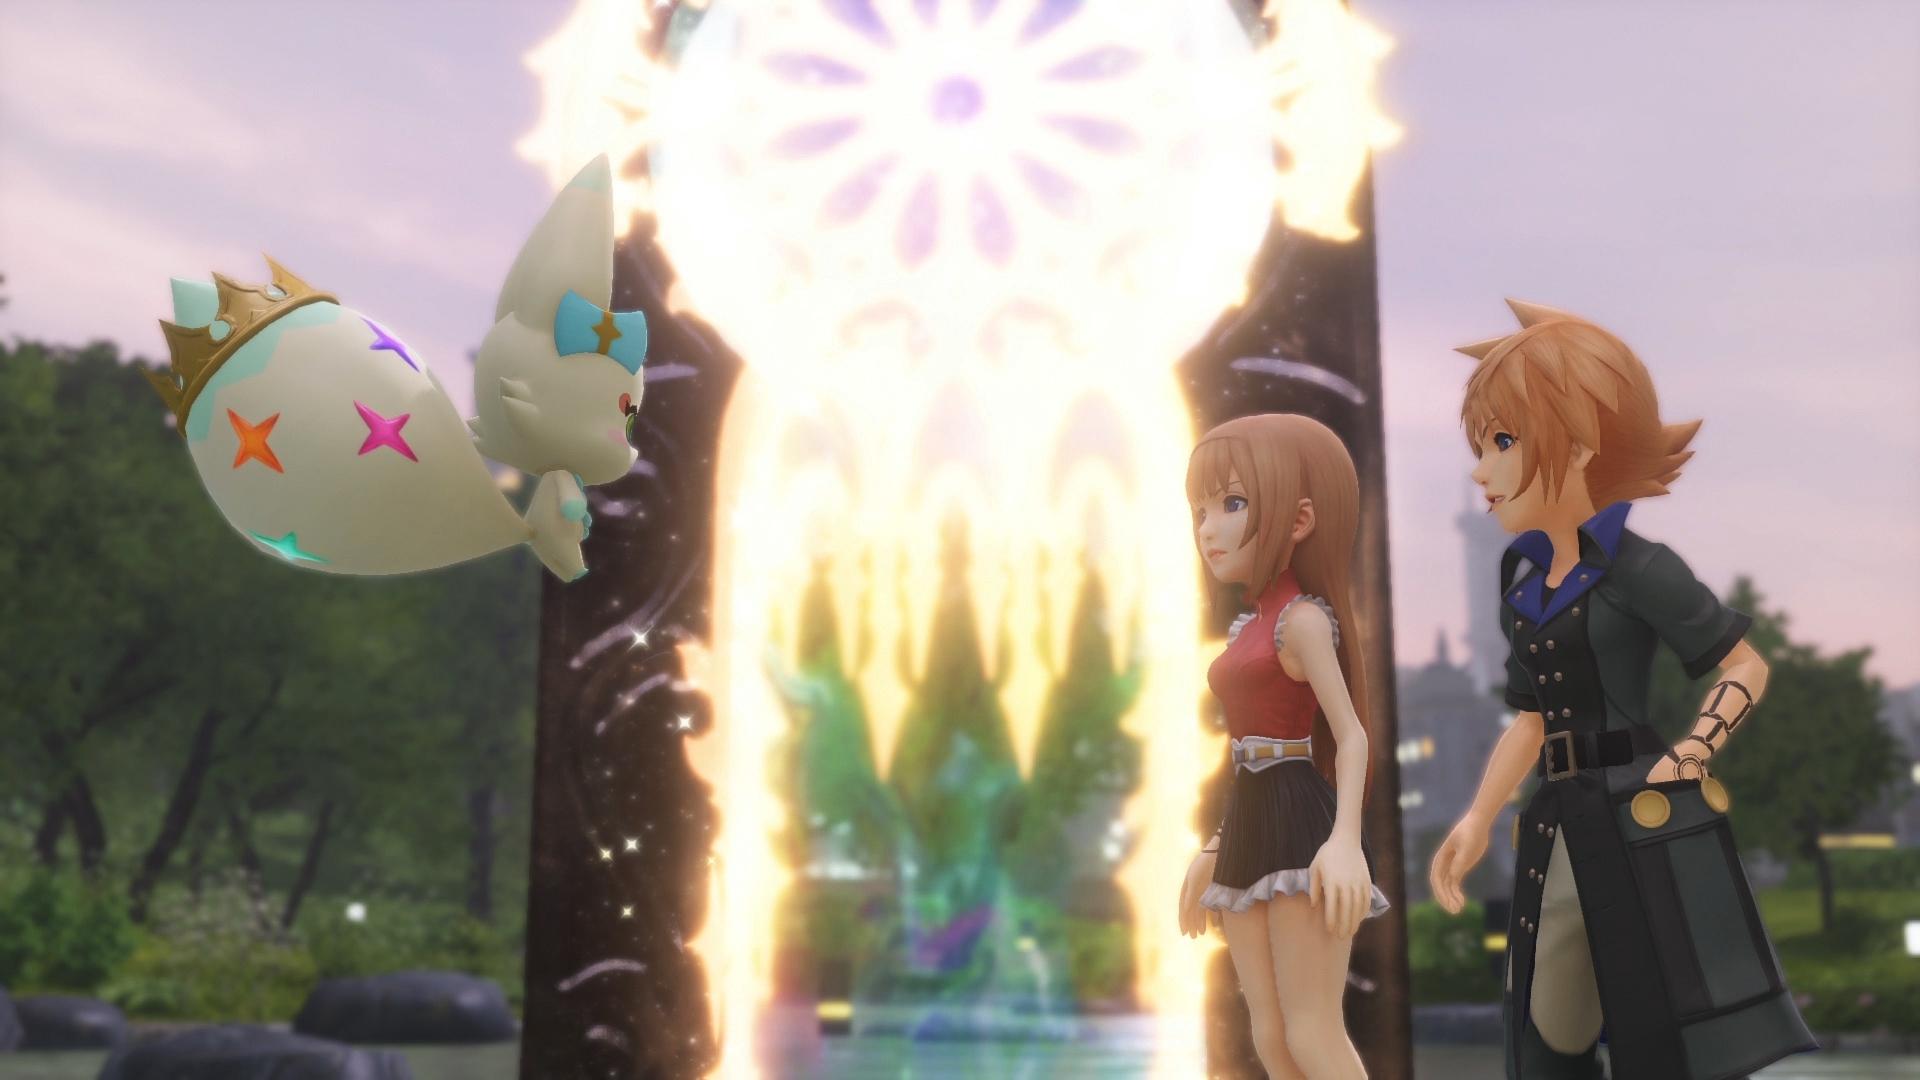 World of Final Fantasy vypadá na obrázcích pohádkově 130354